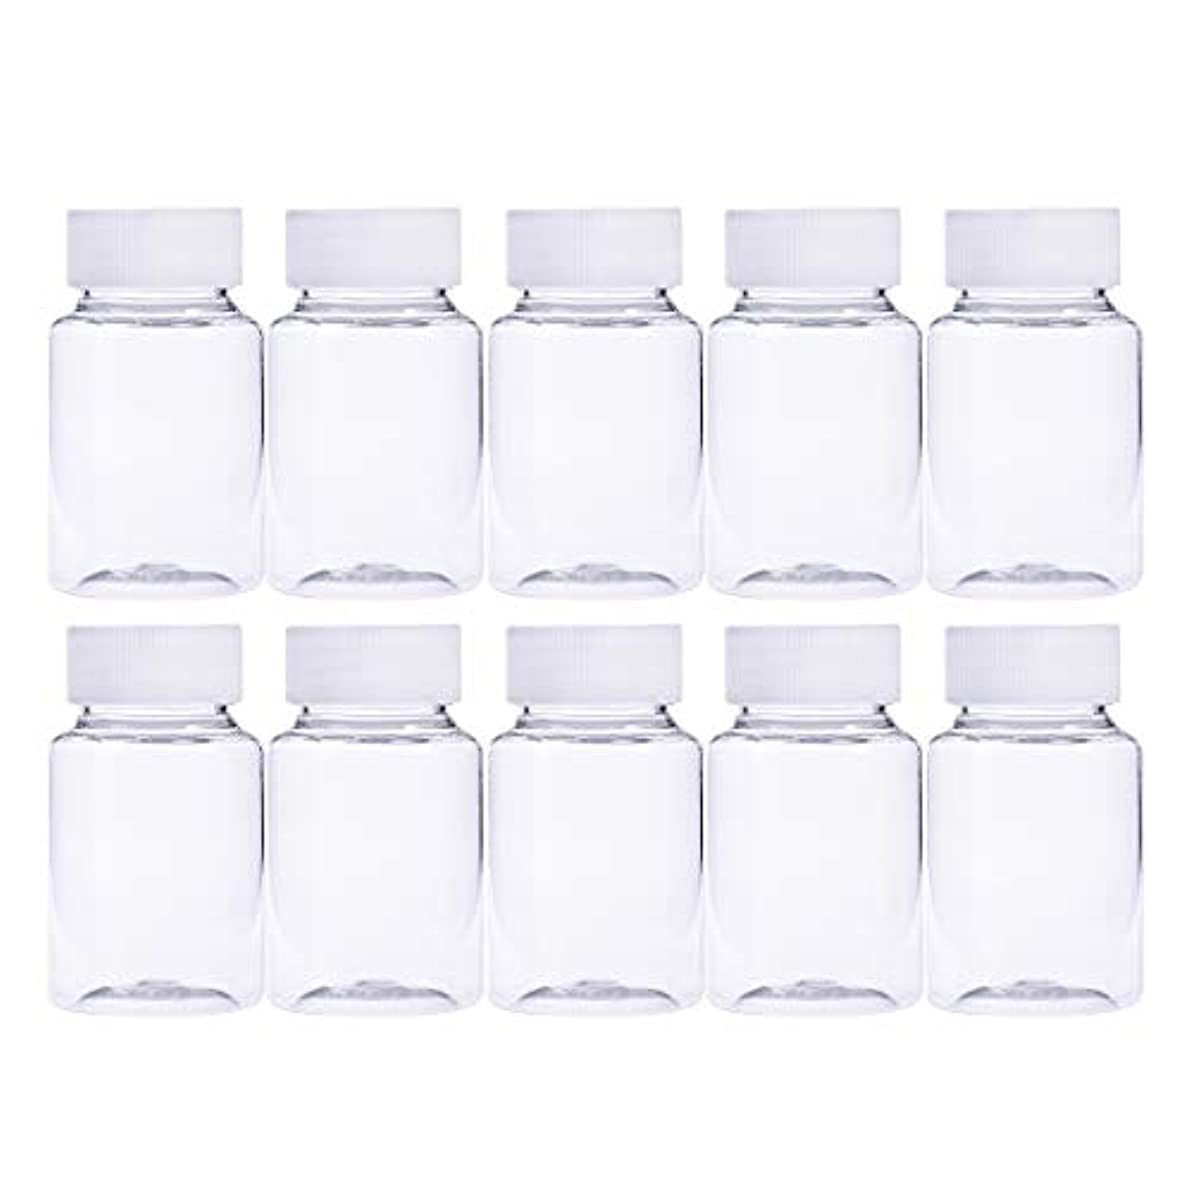 否認する単調な骨髄Frcolor 12個 80ml 小分けボトル 広口 クリア 詰め替え容器 薬保存 ビーズ収納 液体 化学薬品収納ボトル 化粧小分け容器 プラスチック容器